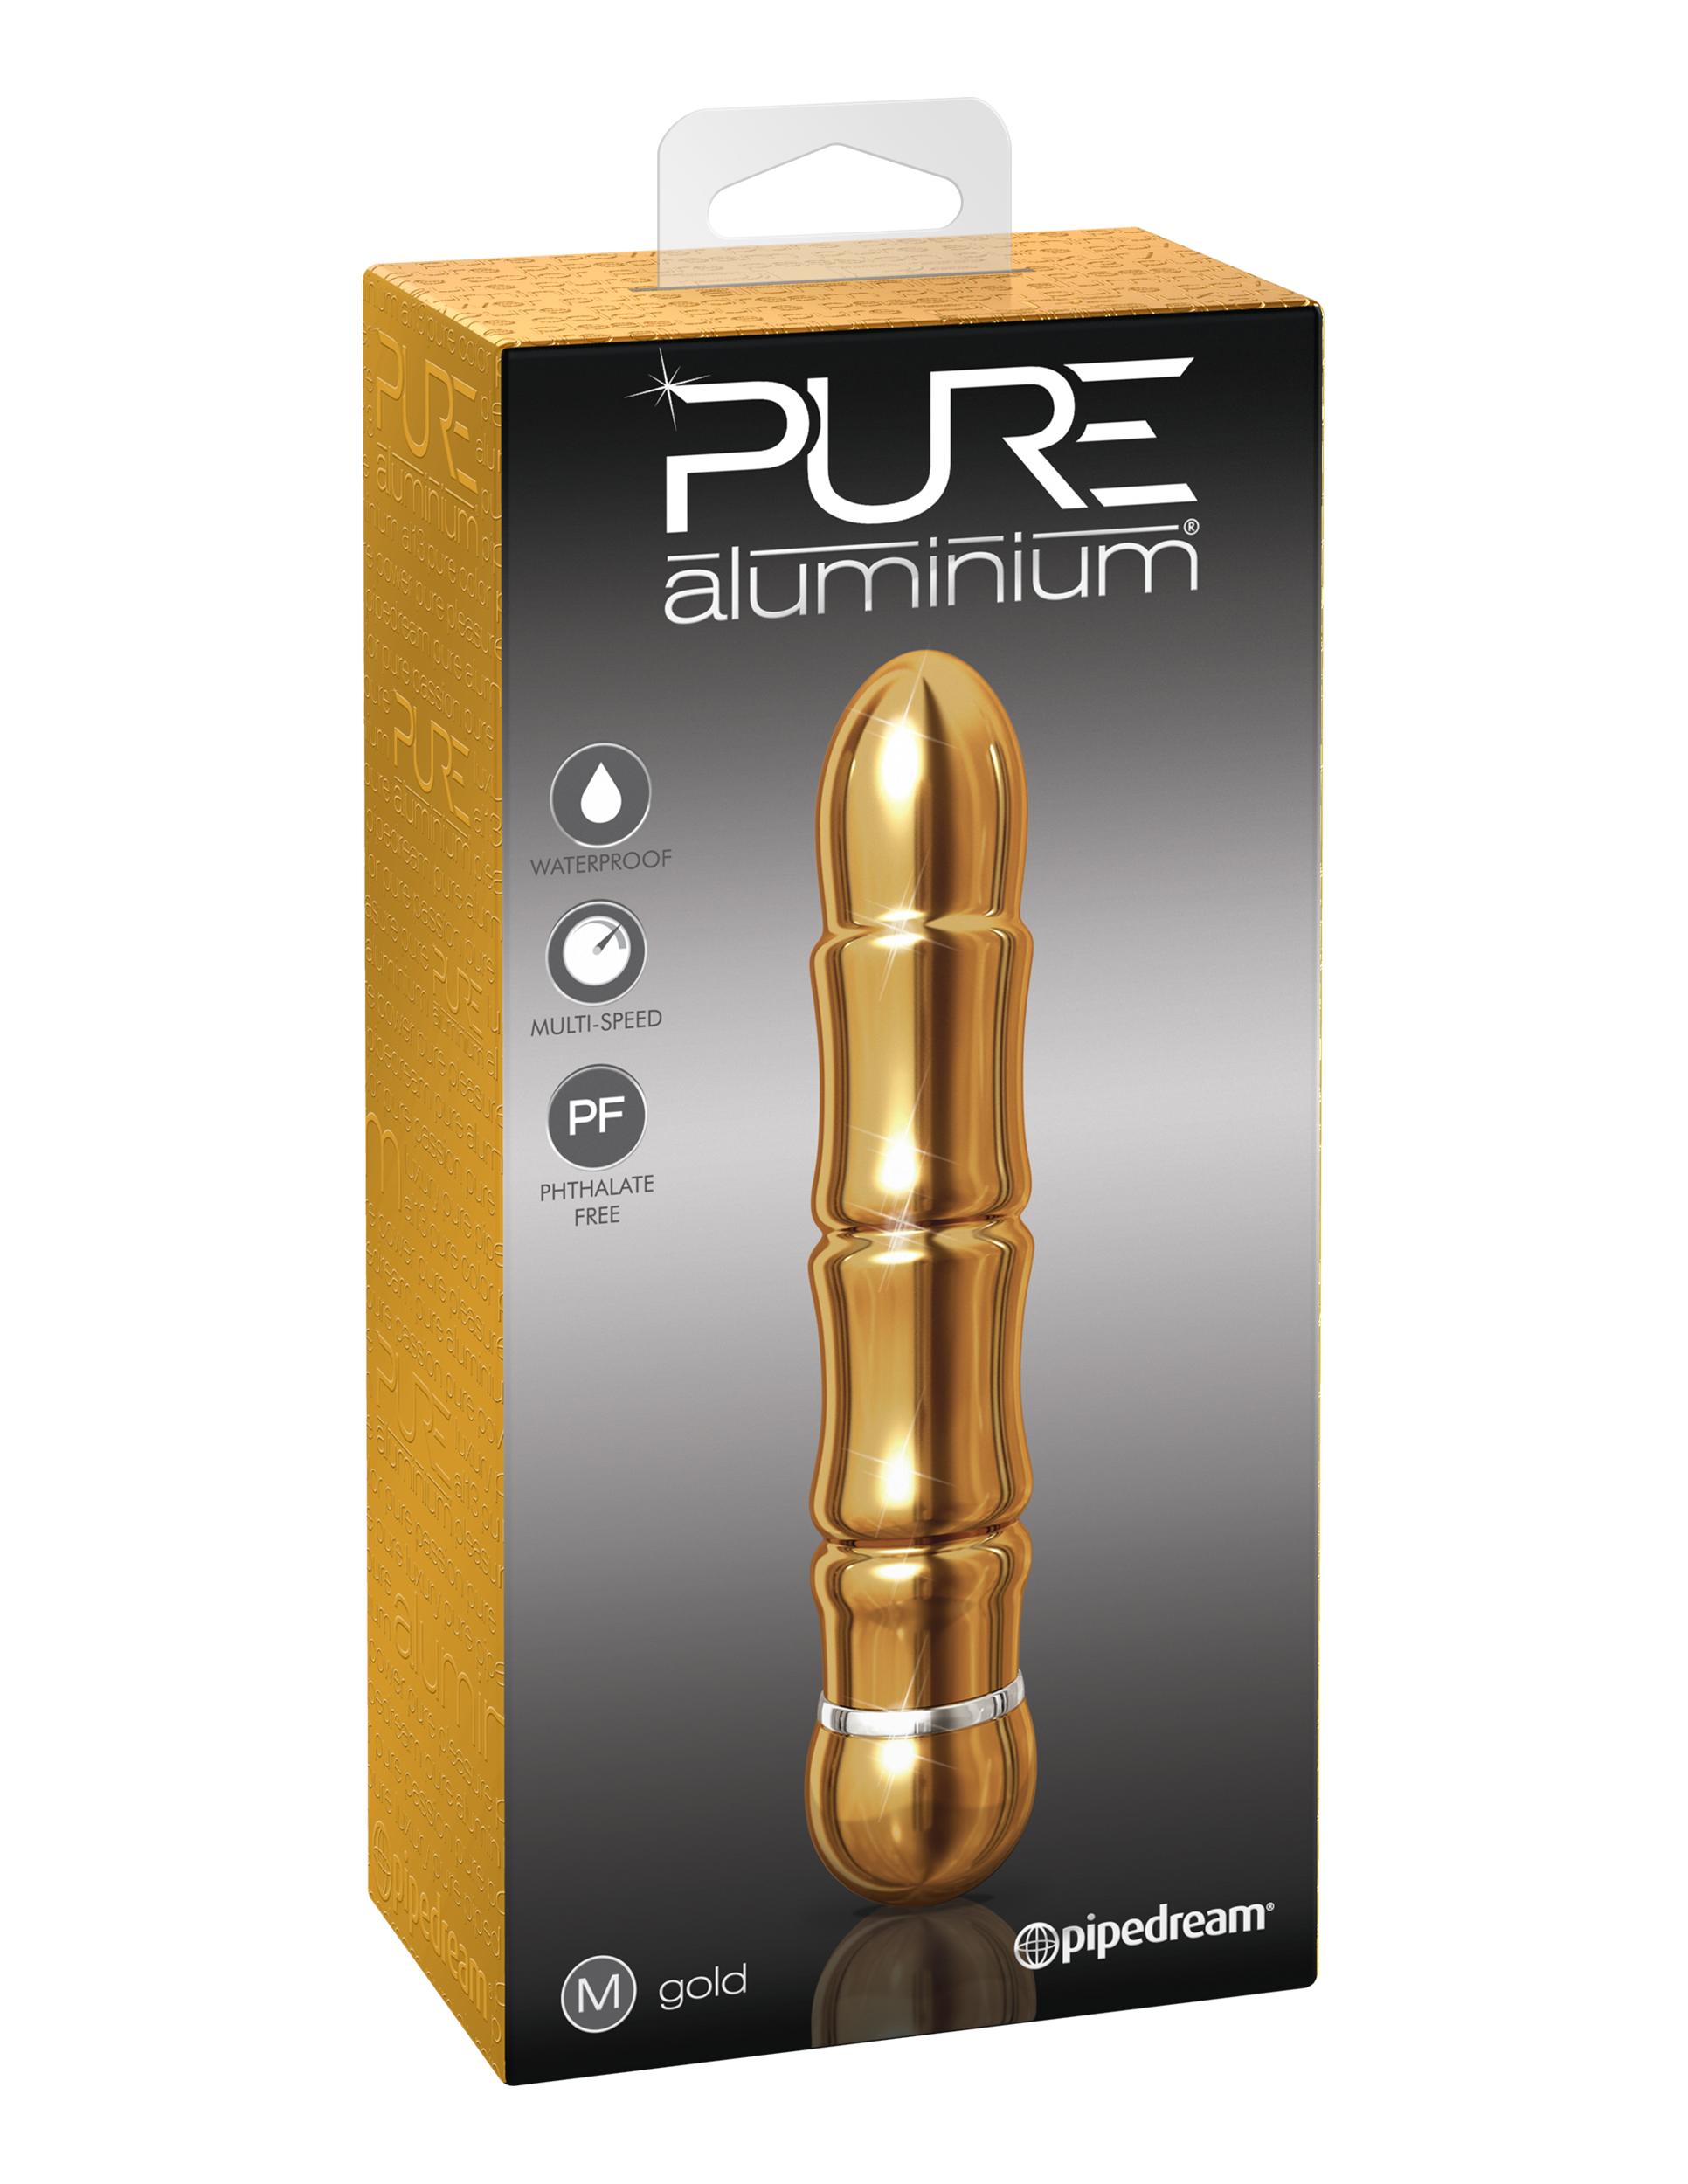 Image of PURE aluminium - gold medium